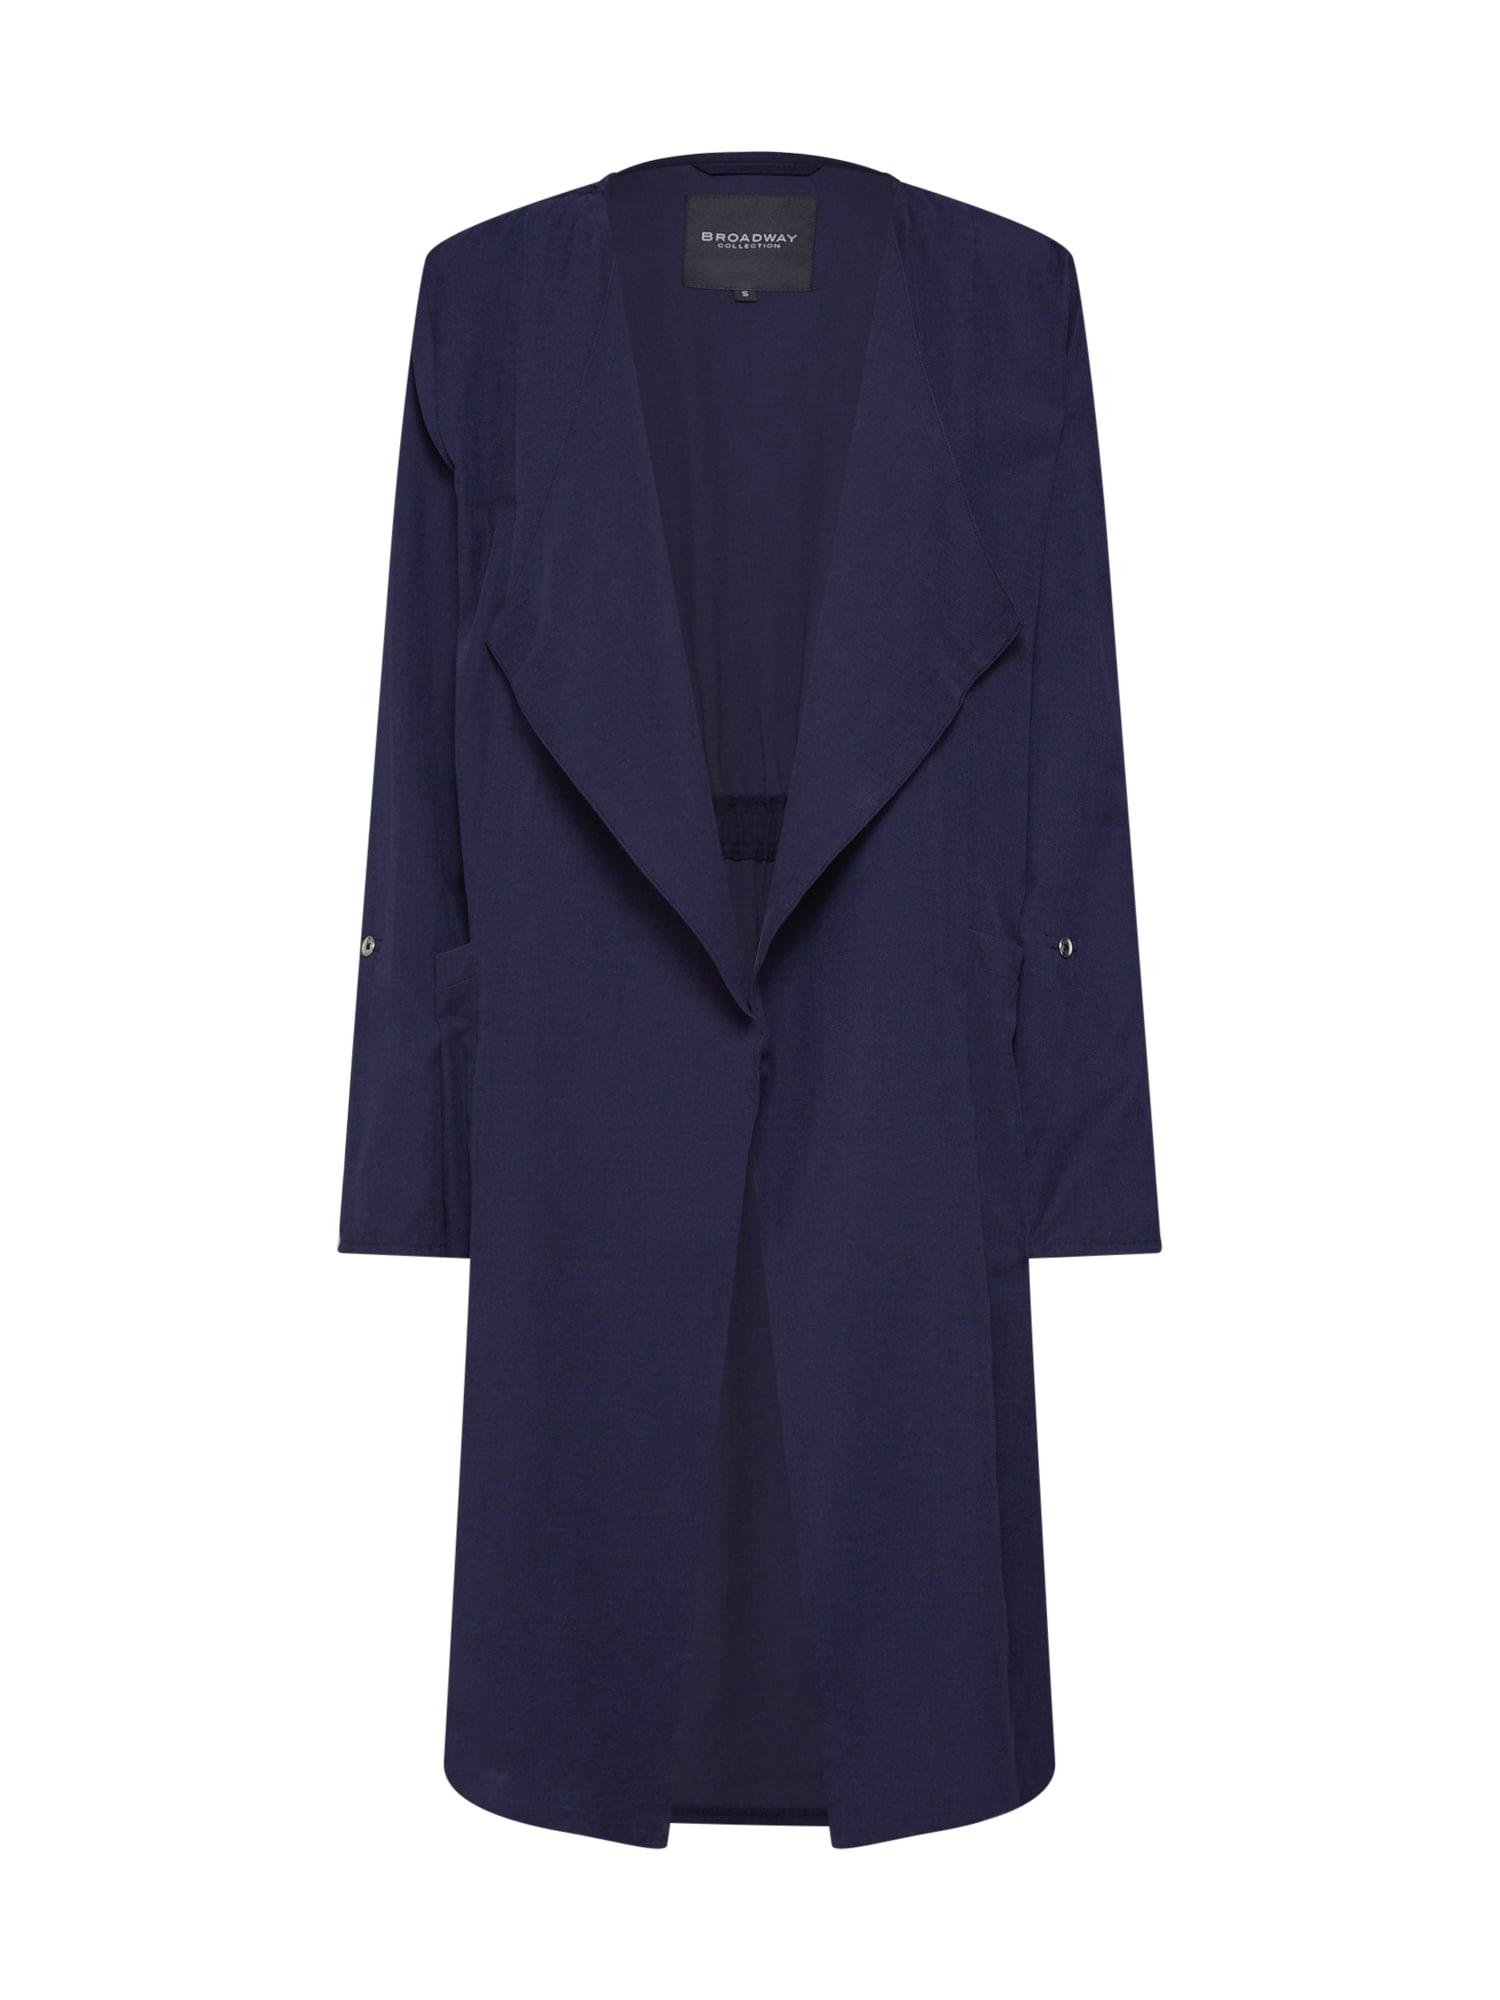 Přechodný kabát Cleora námořnická modř BROADWAY NYC FASHION